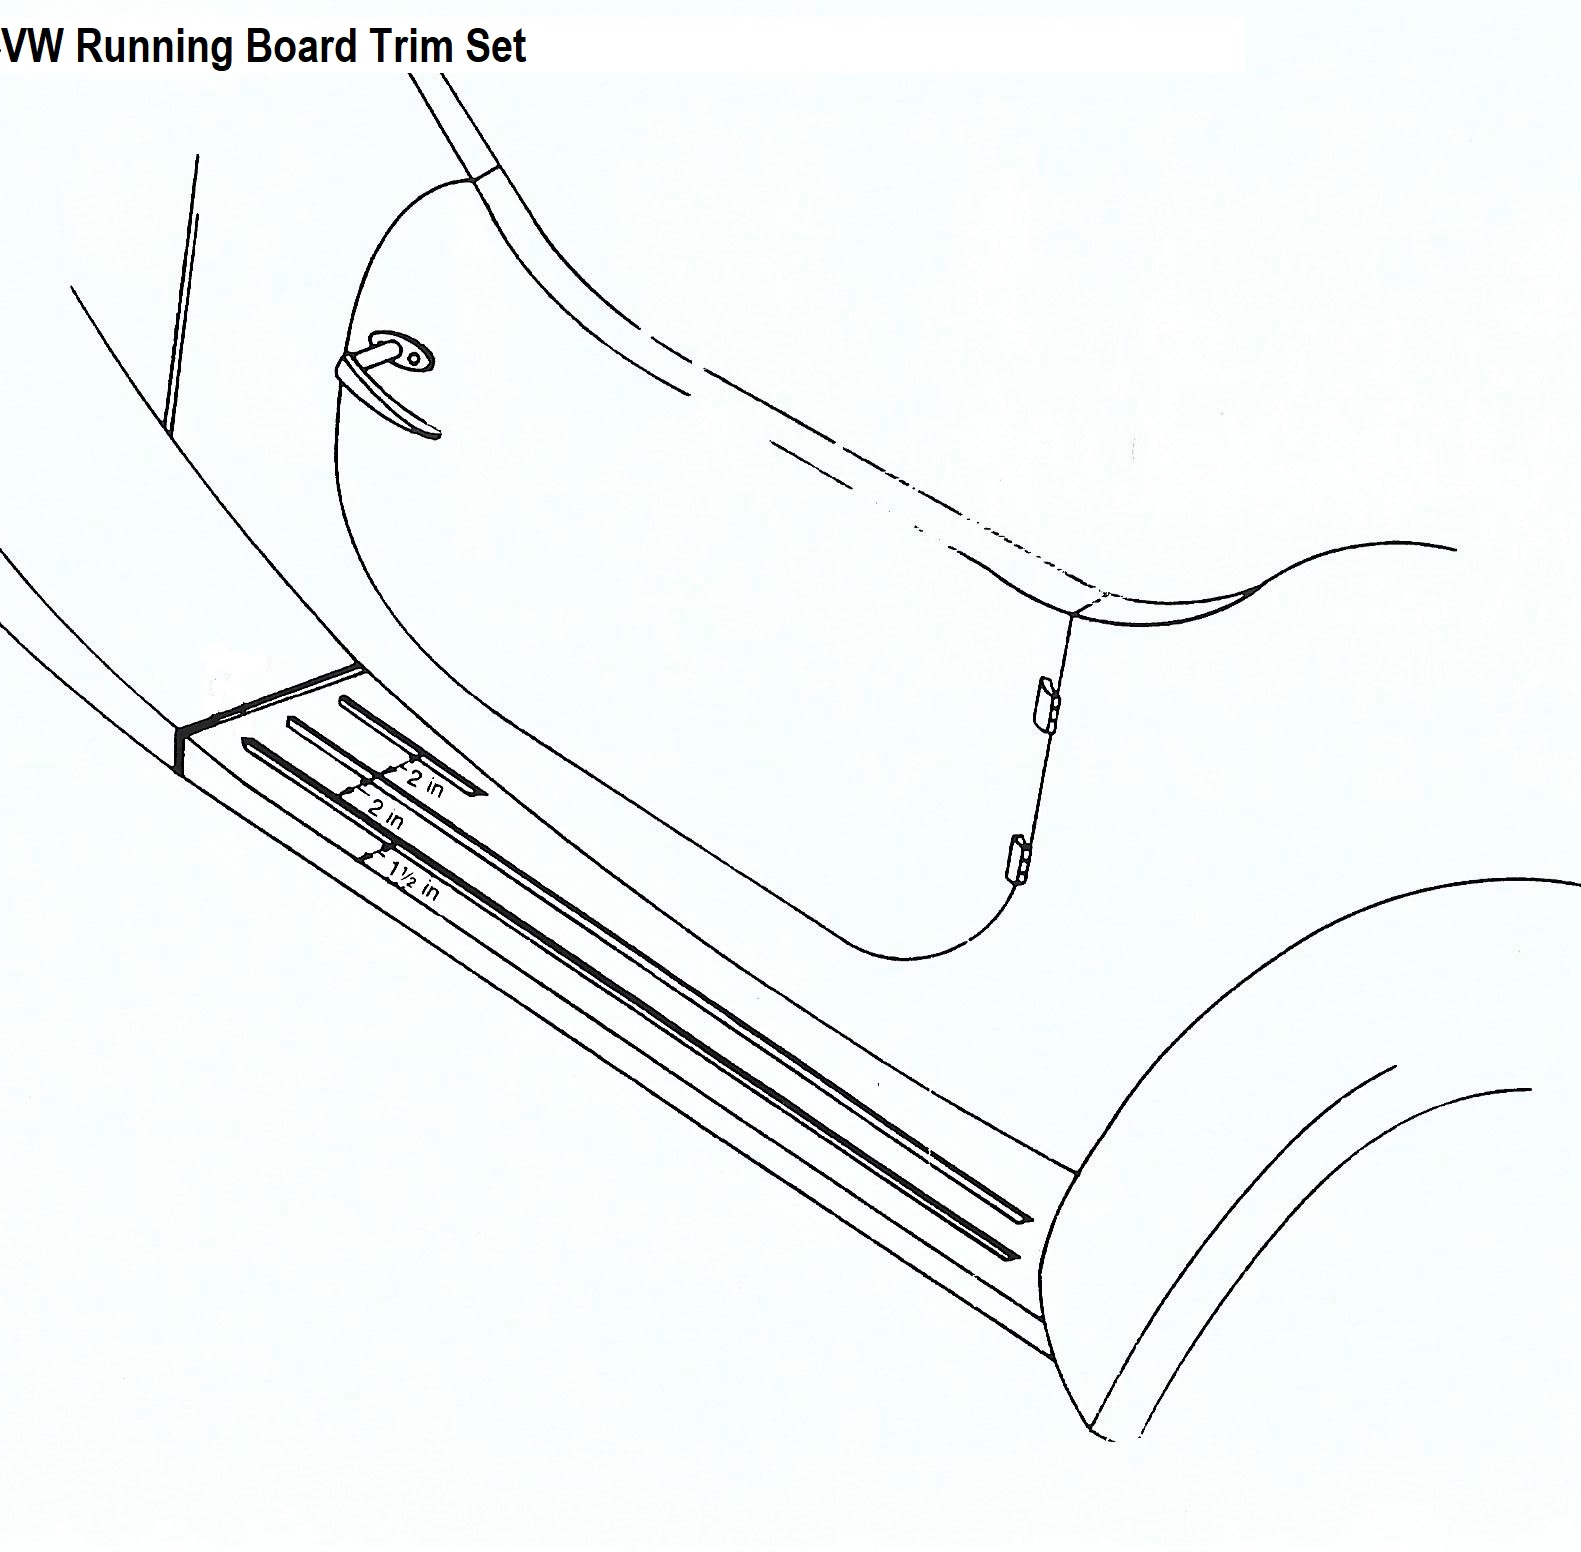 vw-based-td-running-board-strips.jpg